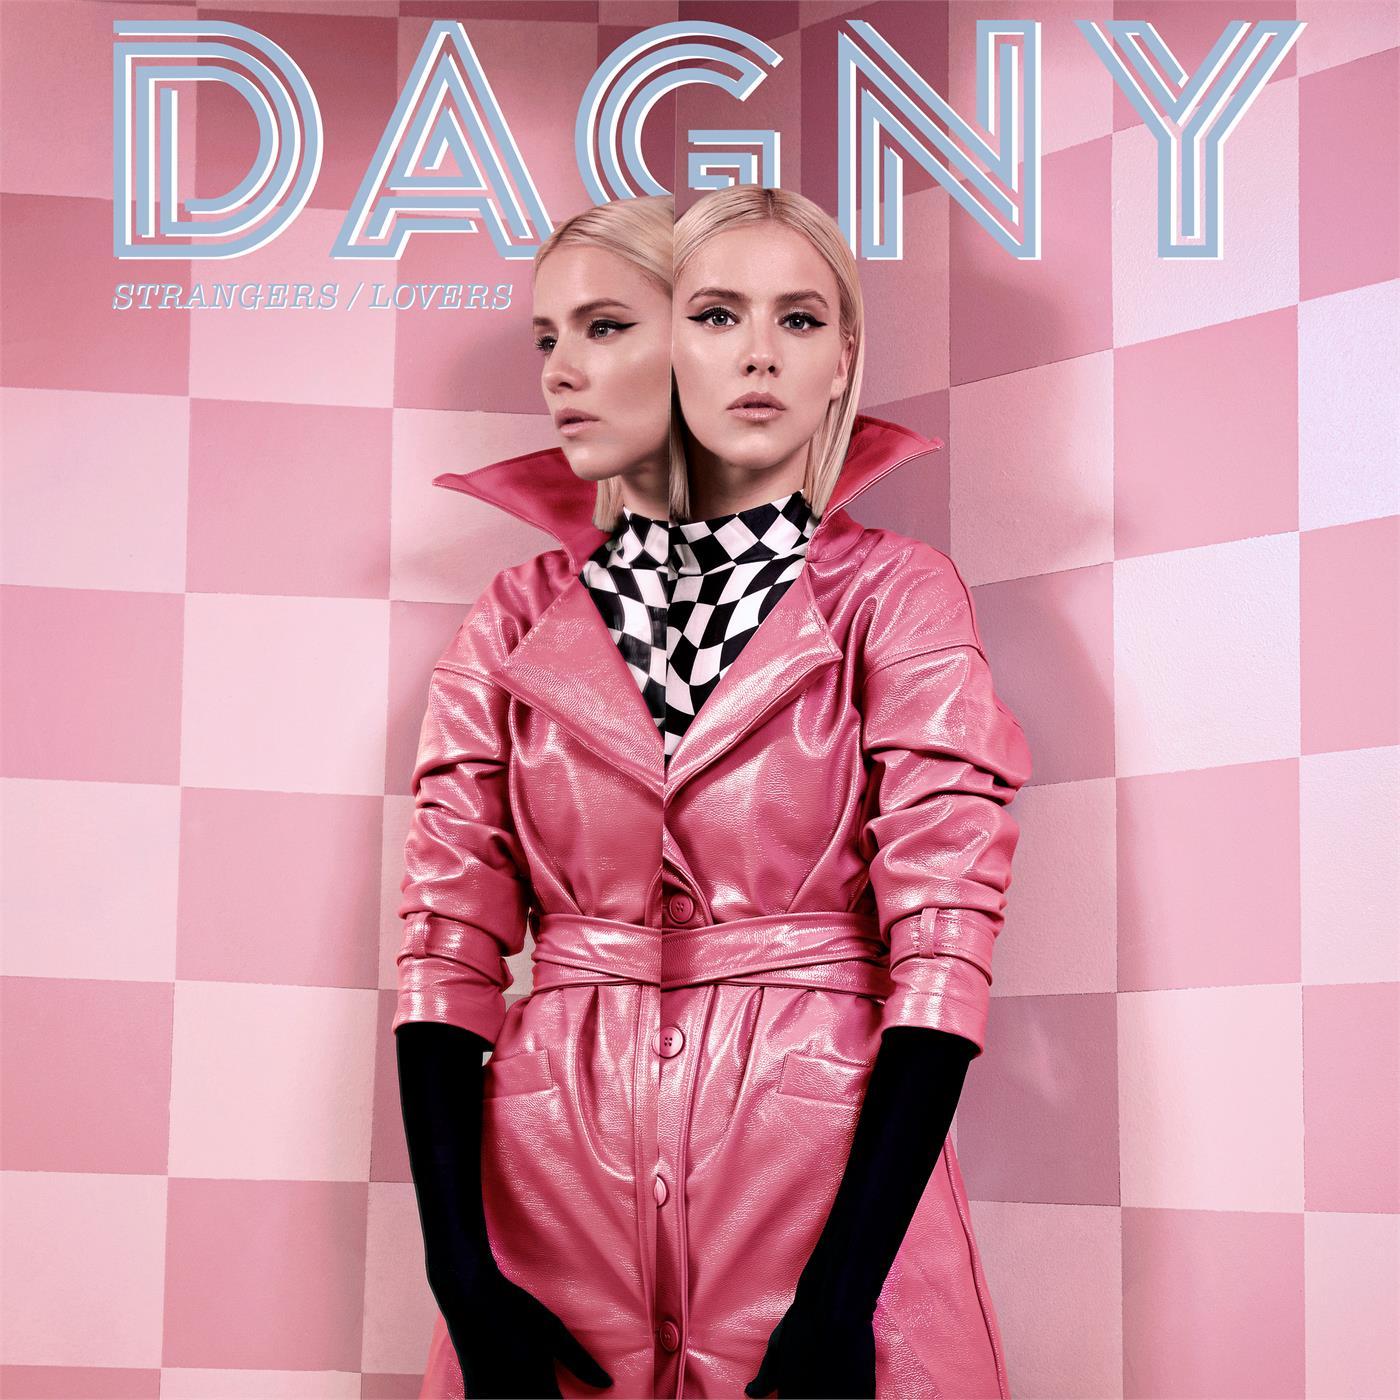 Dagny - Strangers / Lovers [LP]